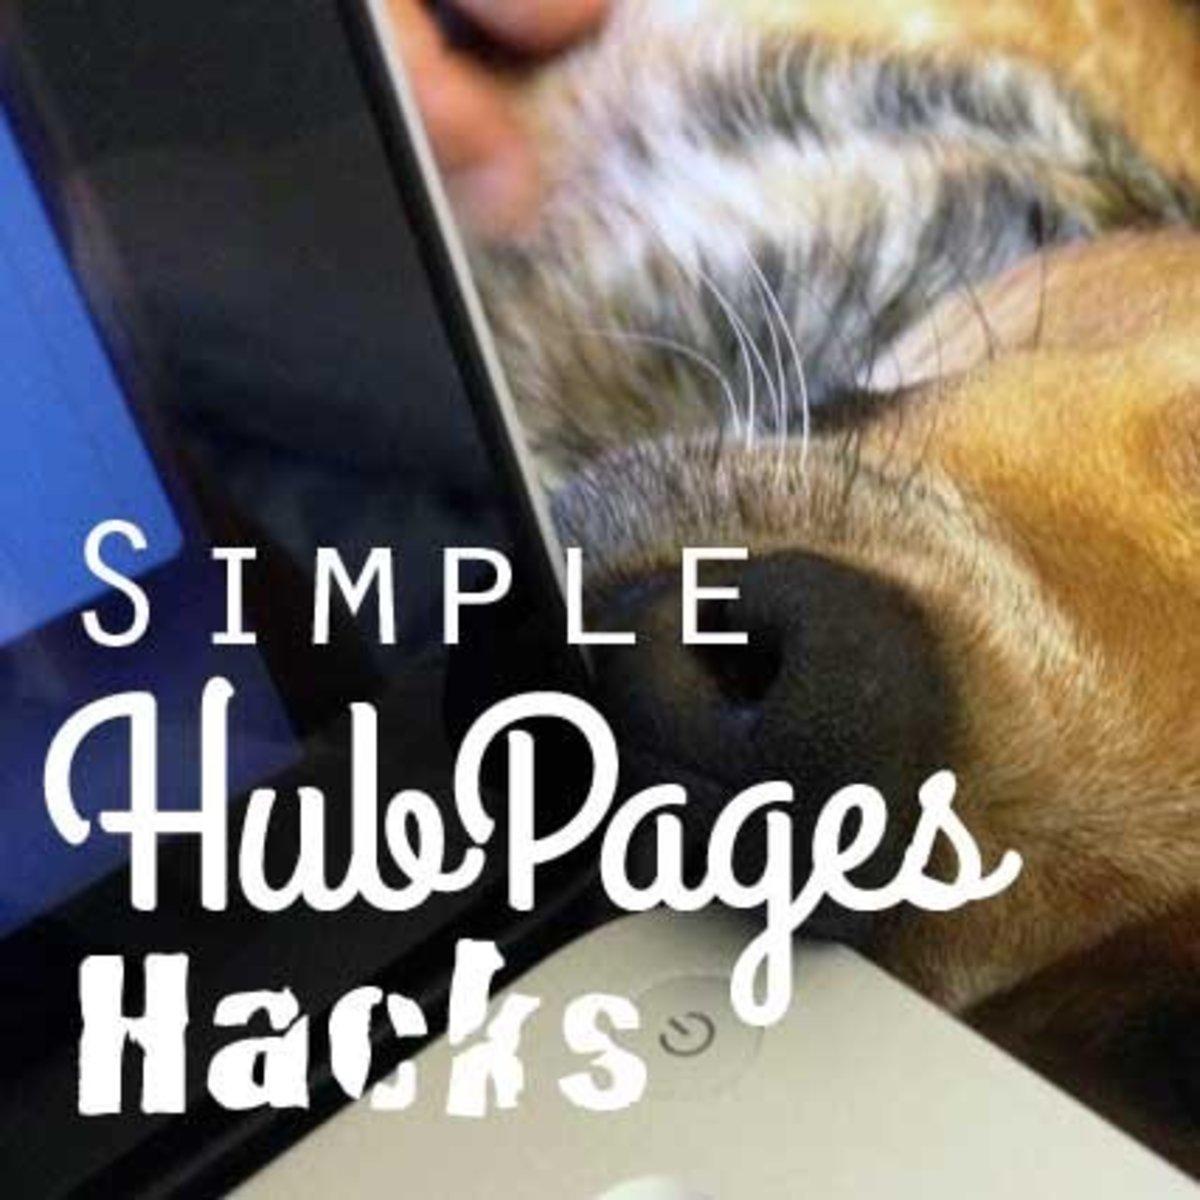 Simple Hubpages Hacks